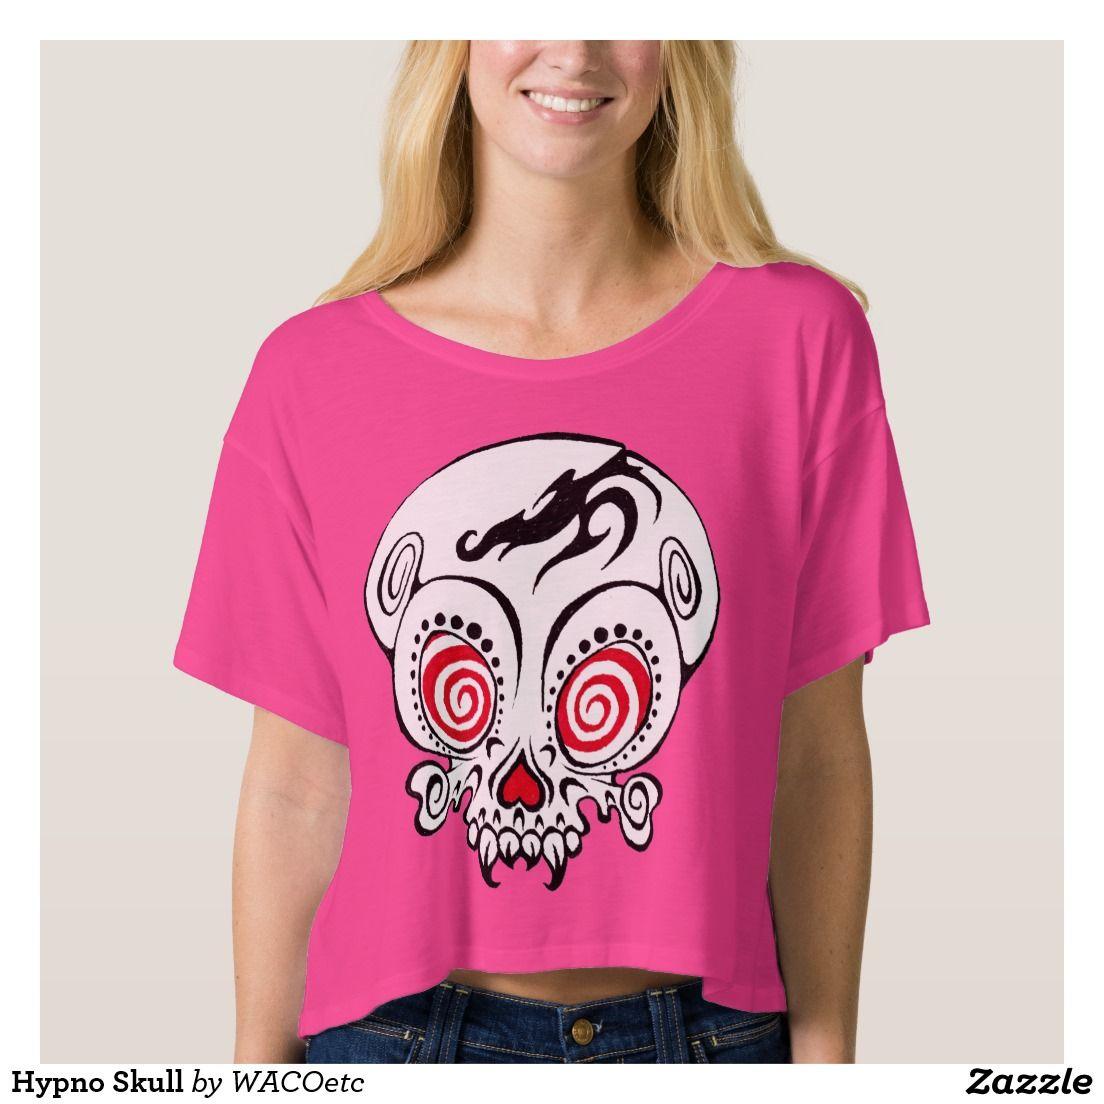 Hypno Skull Shirts